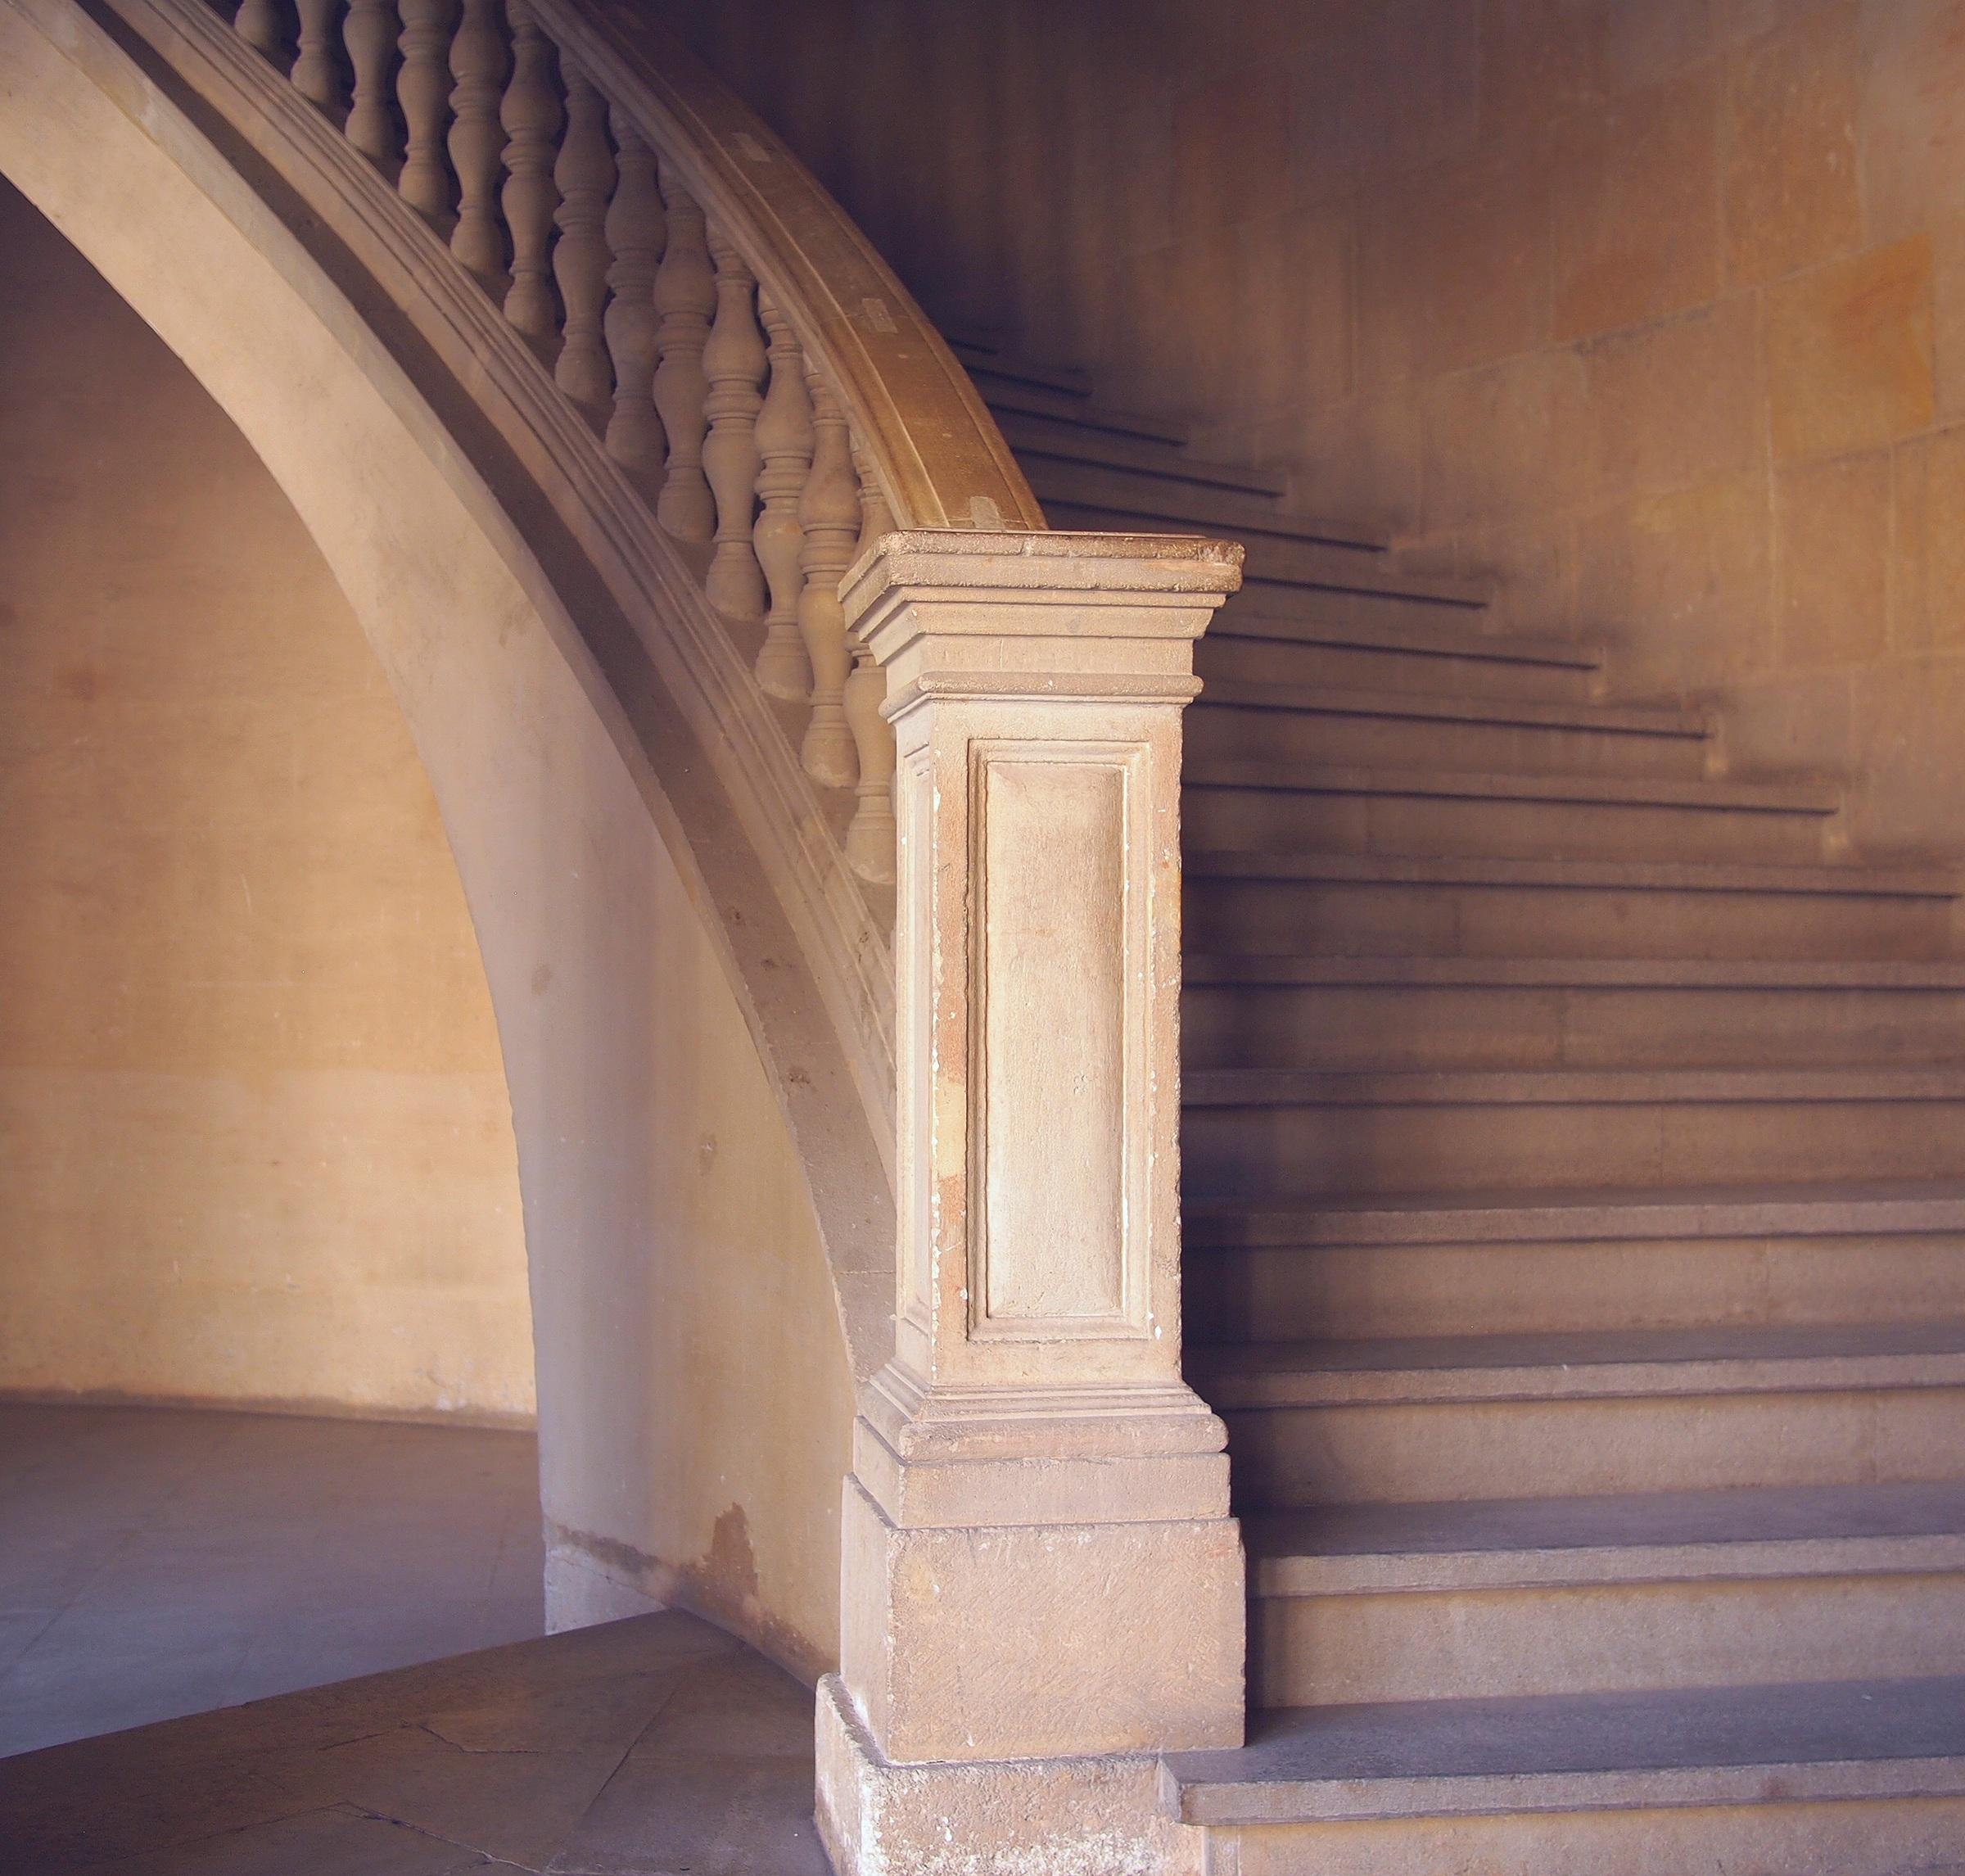 Escalier Dans Maison Ancienne images gratuites : architecture, structure, bois, maison